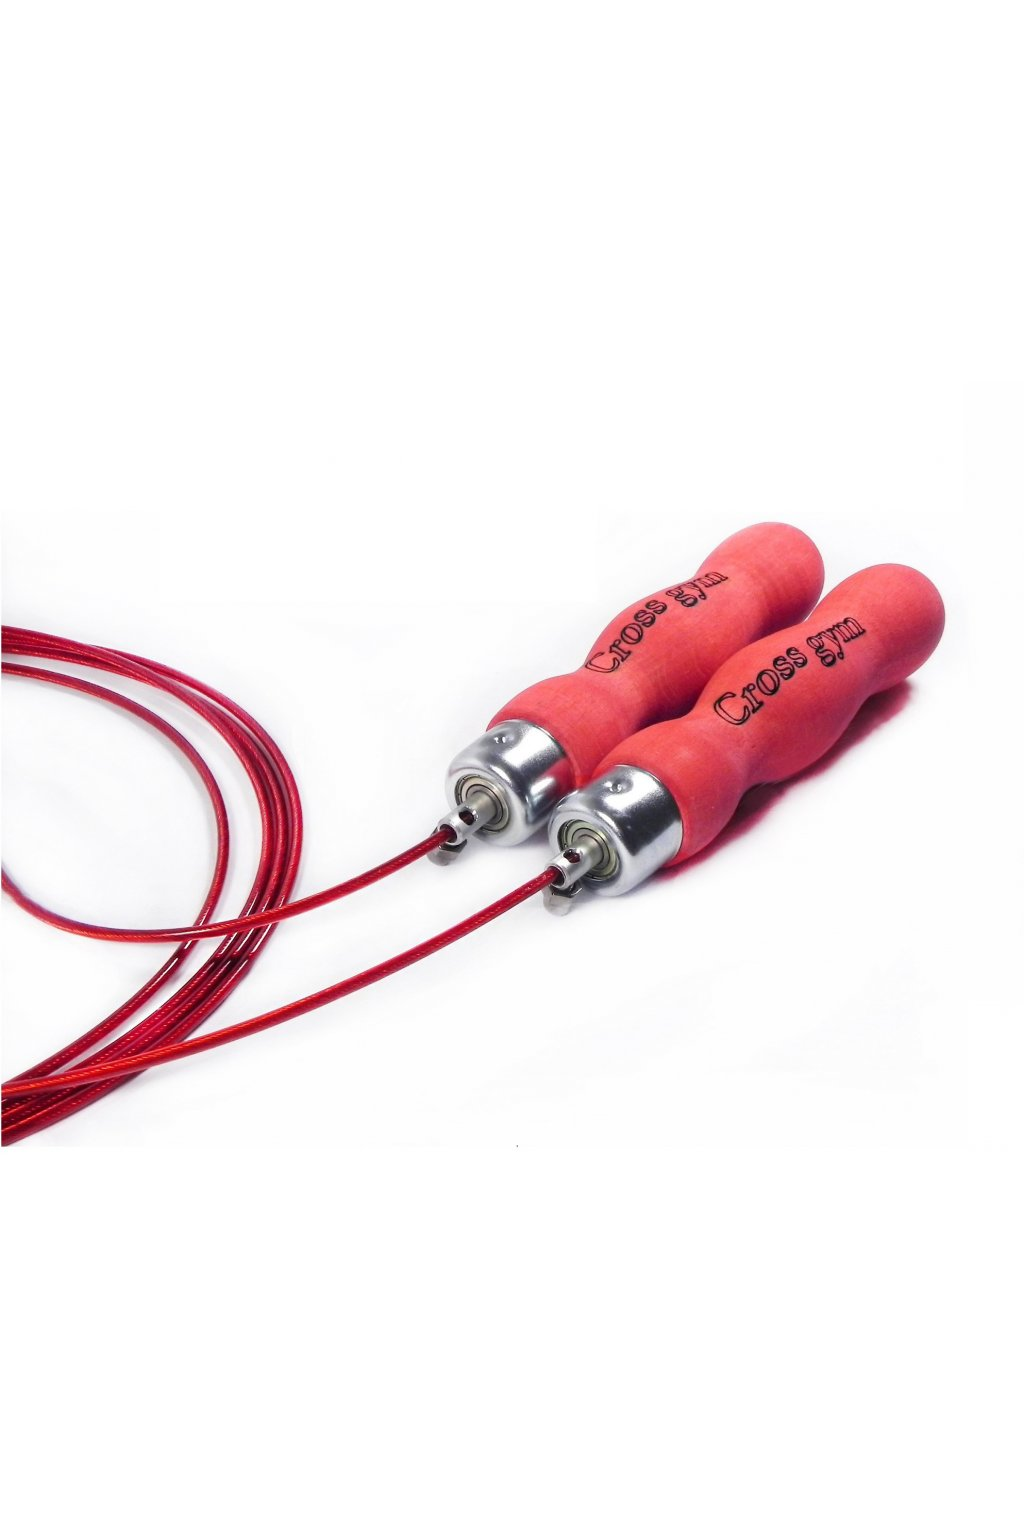 Červené lanko, farebná rukoväť